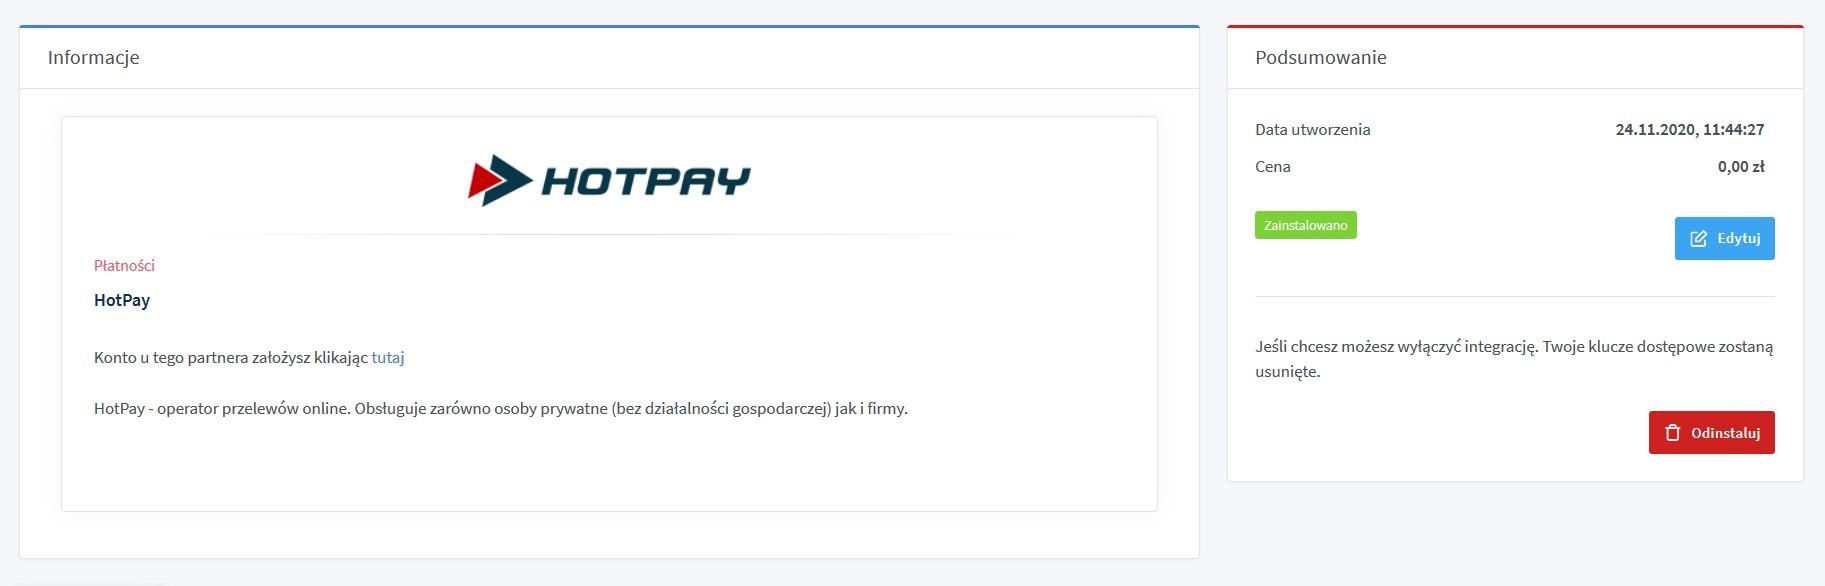 TakeDrop - skonfigurowane płatności HotPay